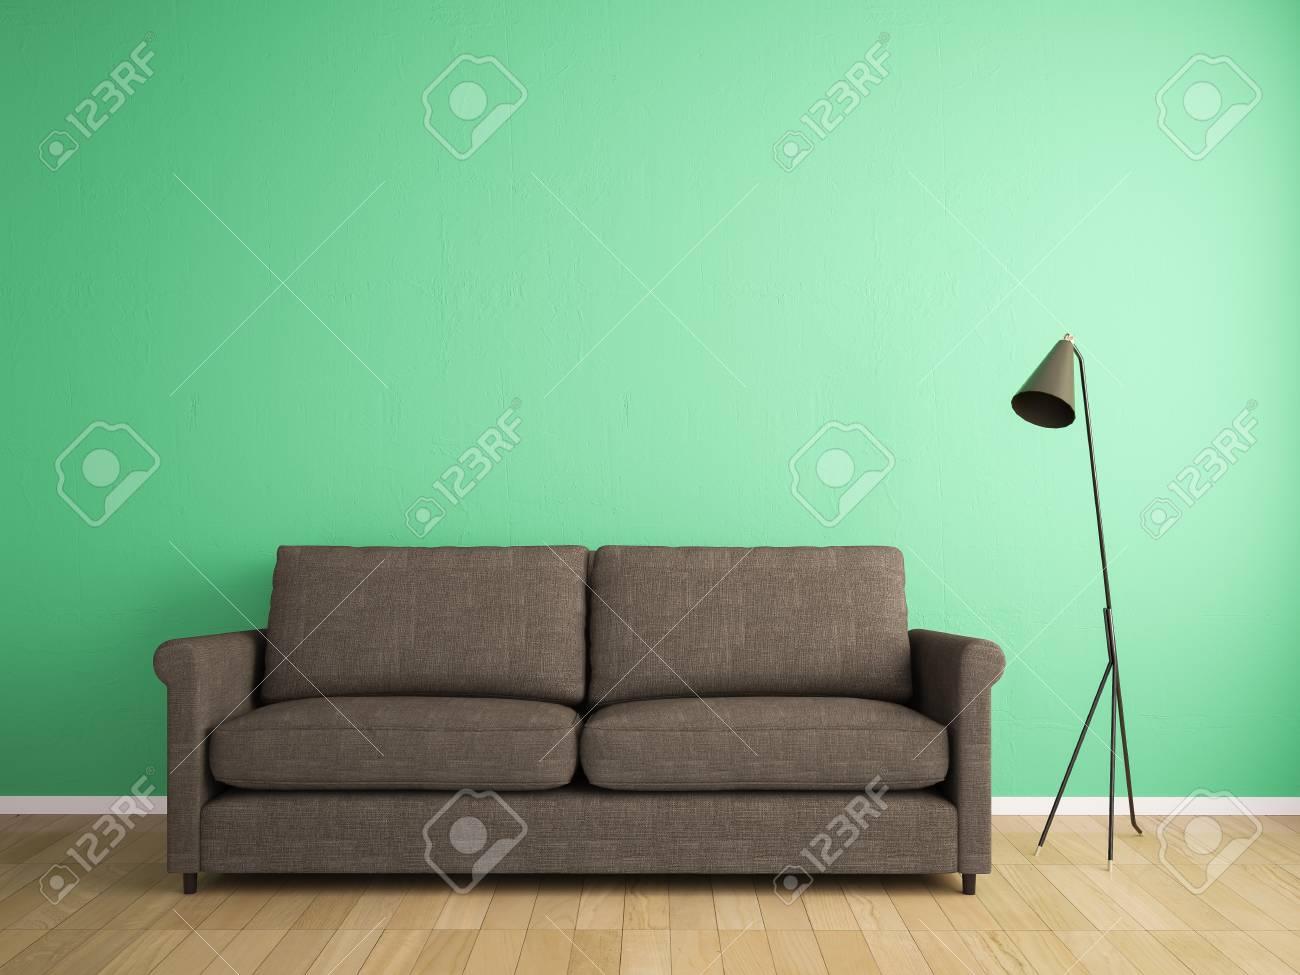 Attraktiv Samtsofa Grün Dekoration Von Dekorationsstoff Sofa Und Grüne Wand Standard-bild -